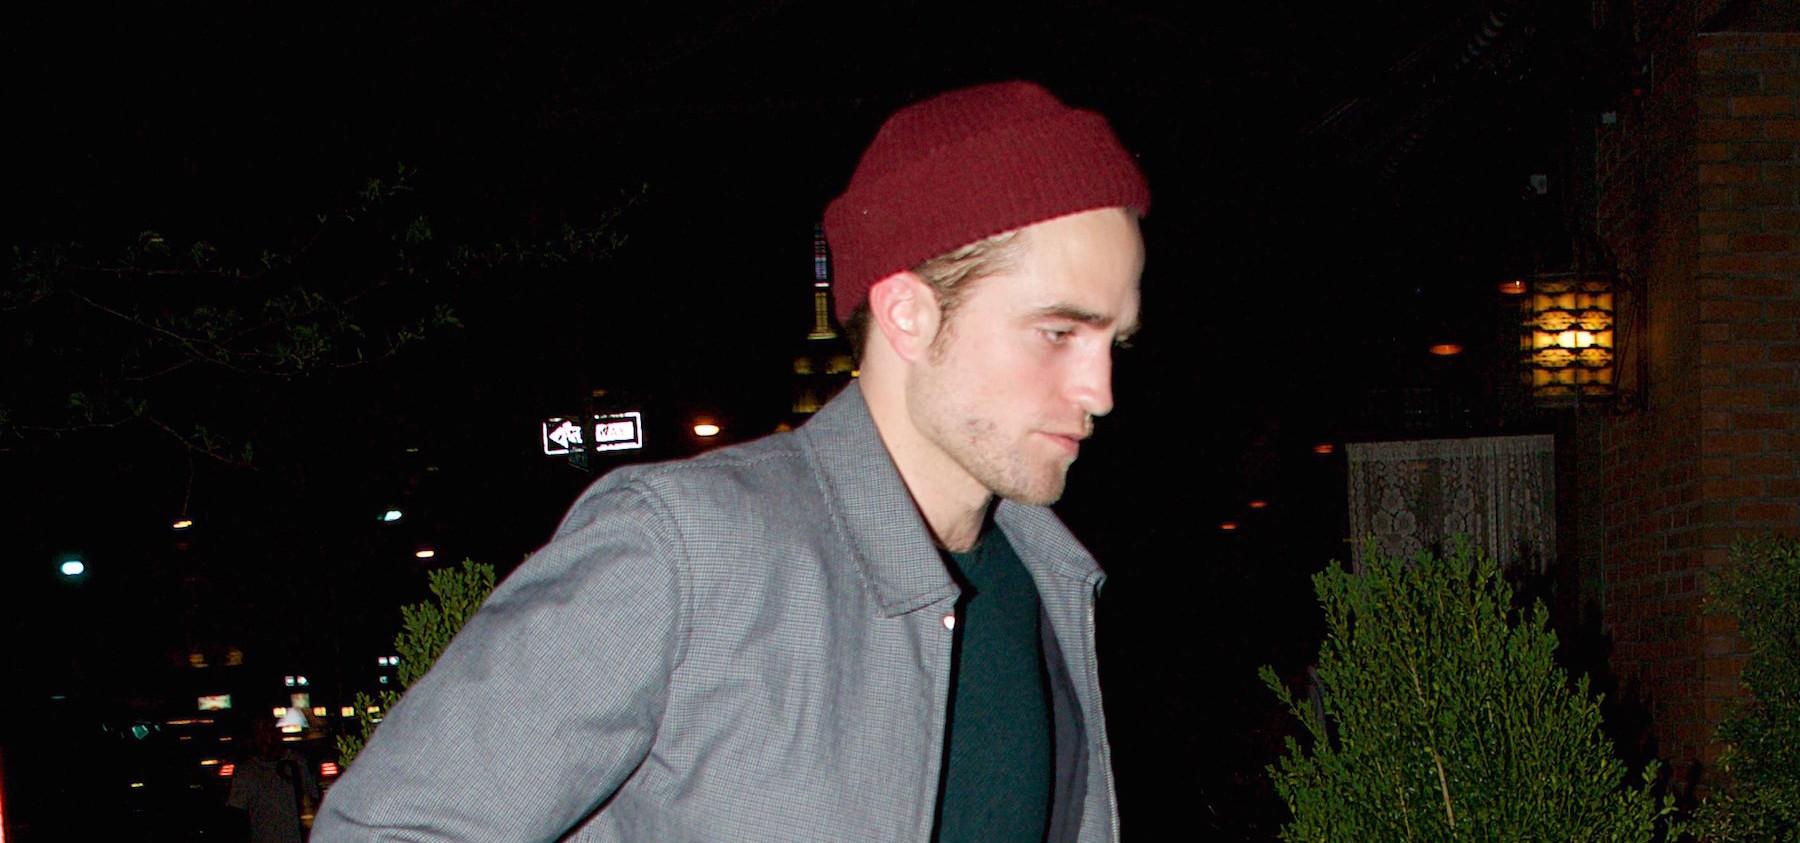 Fotos de Robert em Nova York (03/05)